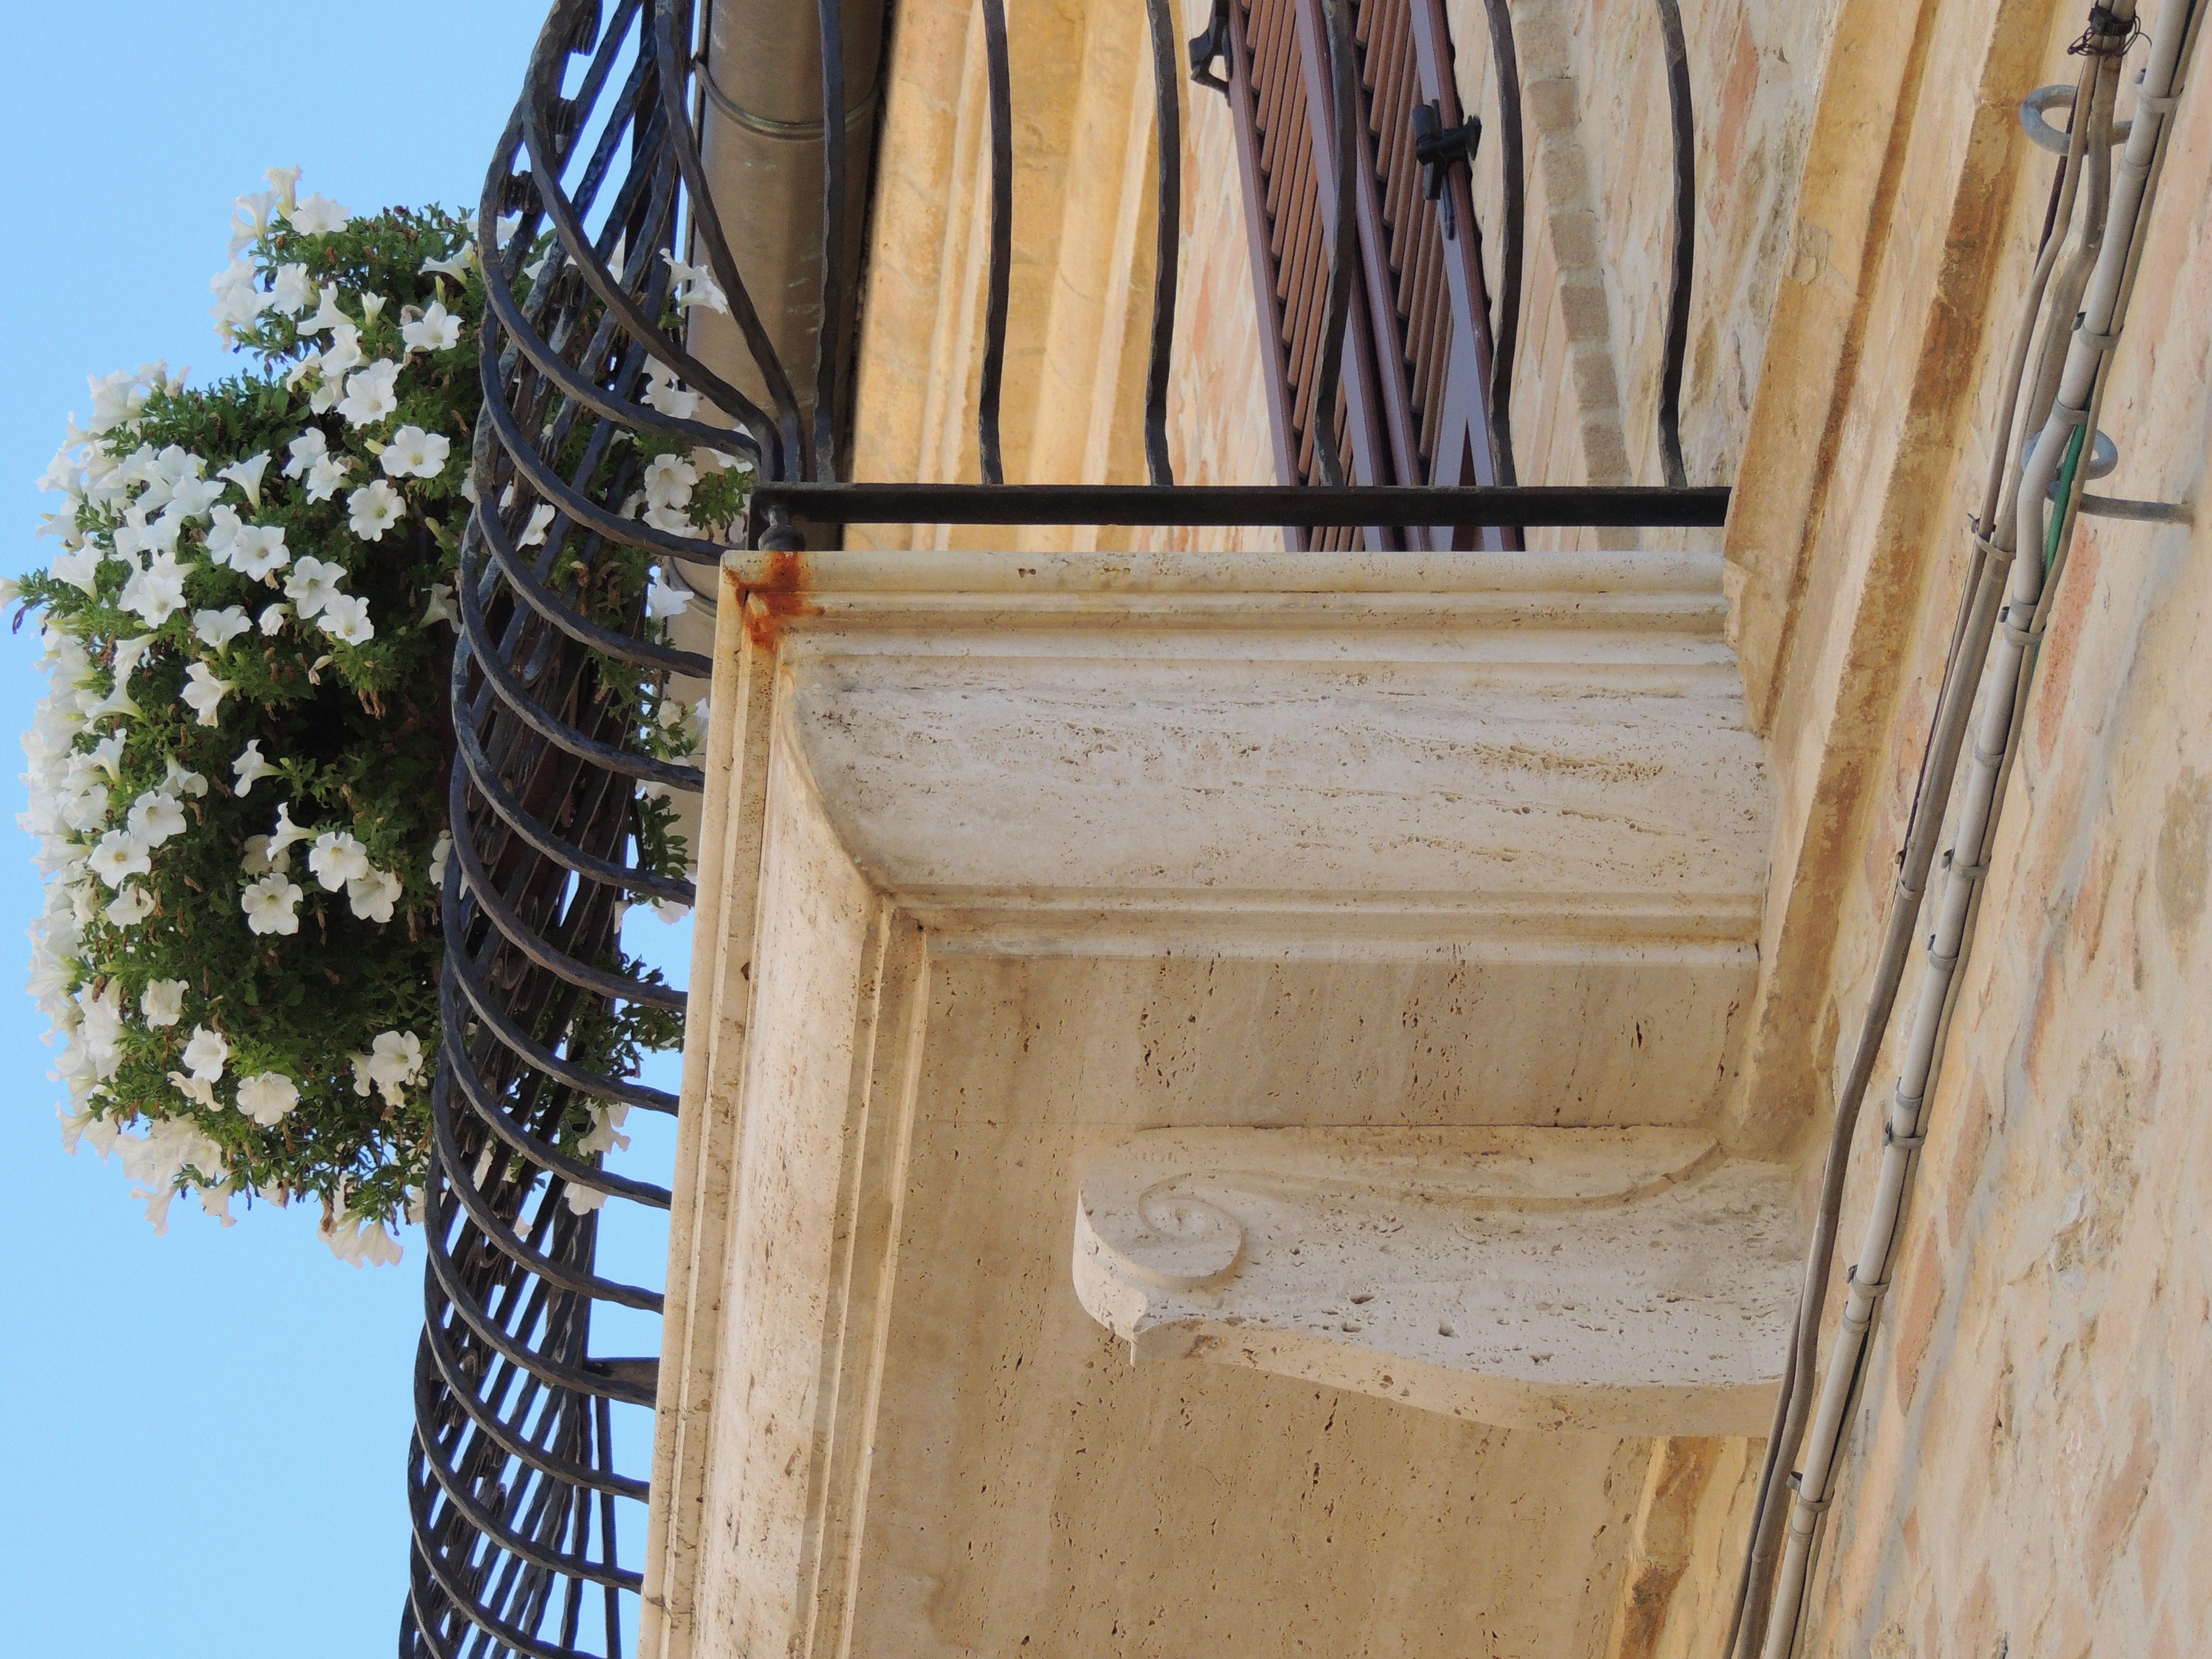 dettaglio balcone in travertino con reggimensola sagomata a mano (progettato e realizzato dall'artigiano).